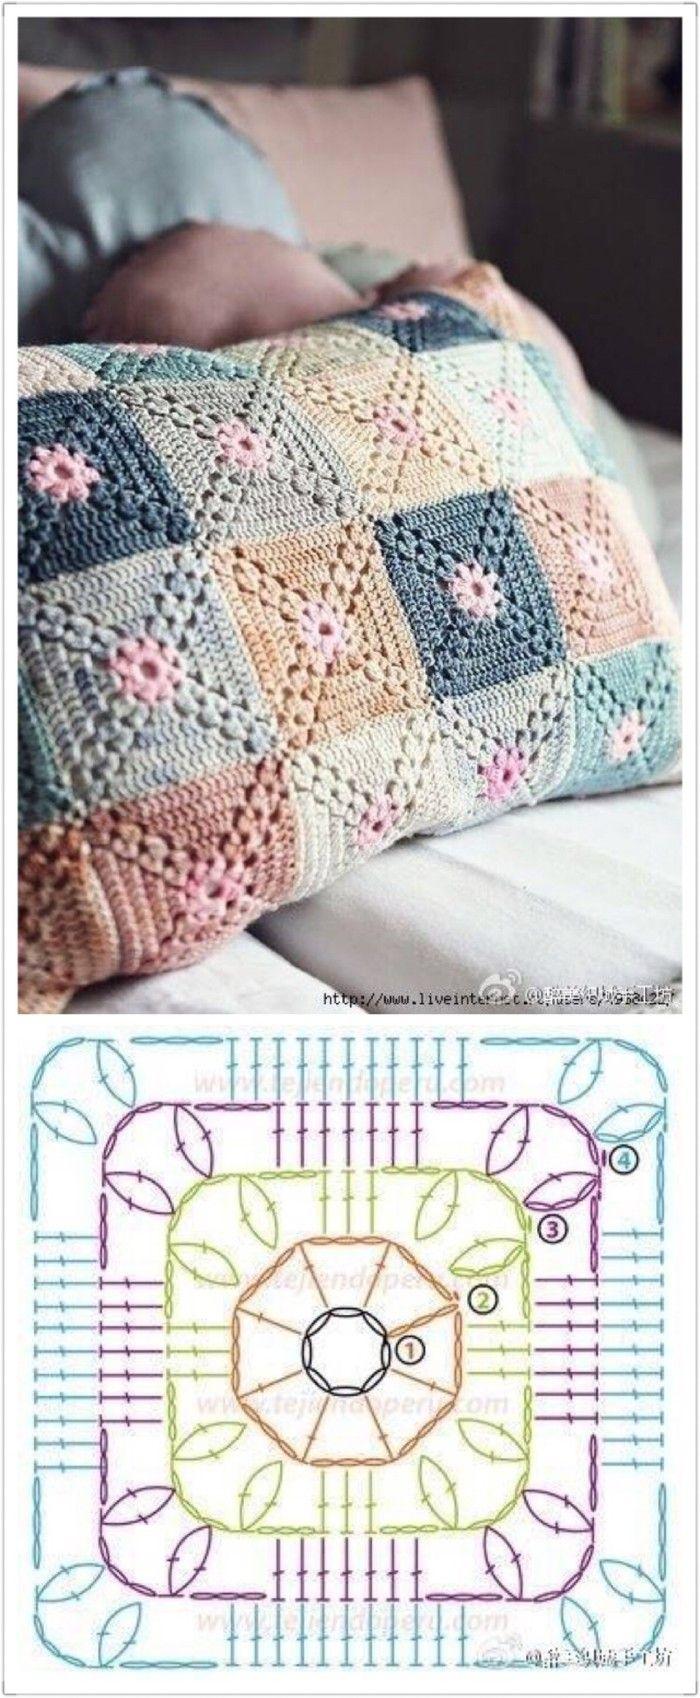 Pin de Itzel Orihuela en Crochet | Pinterest | Manta, Tejido y ...